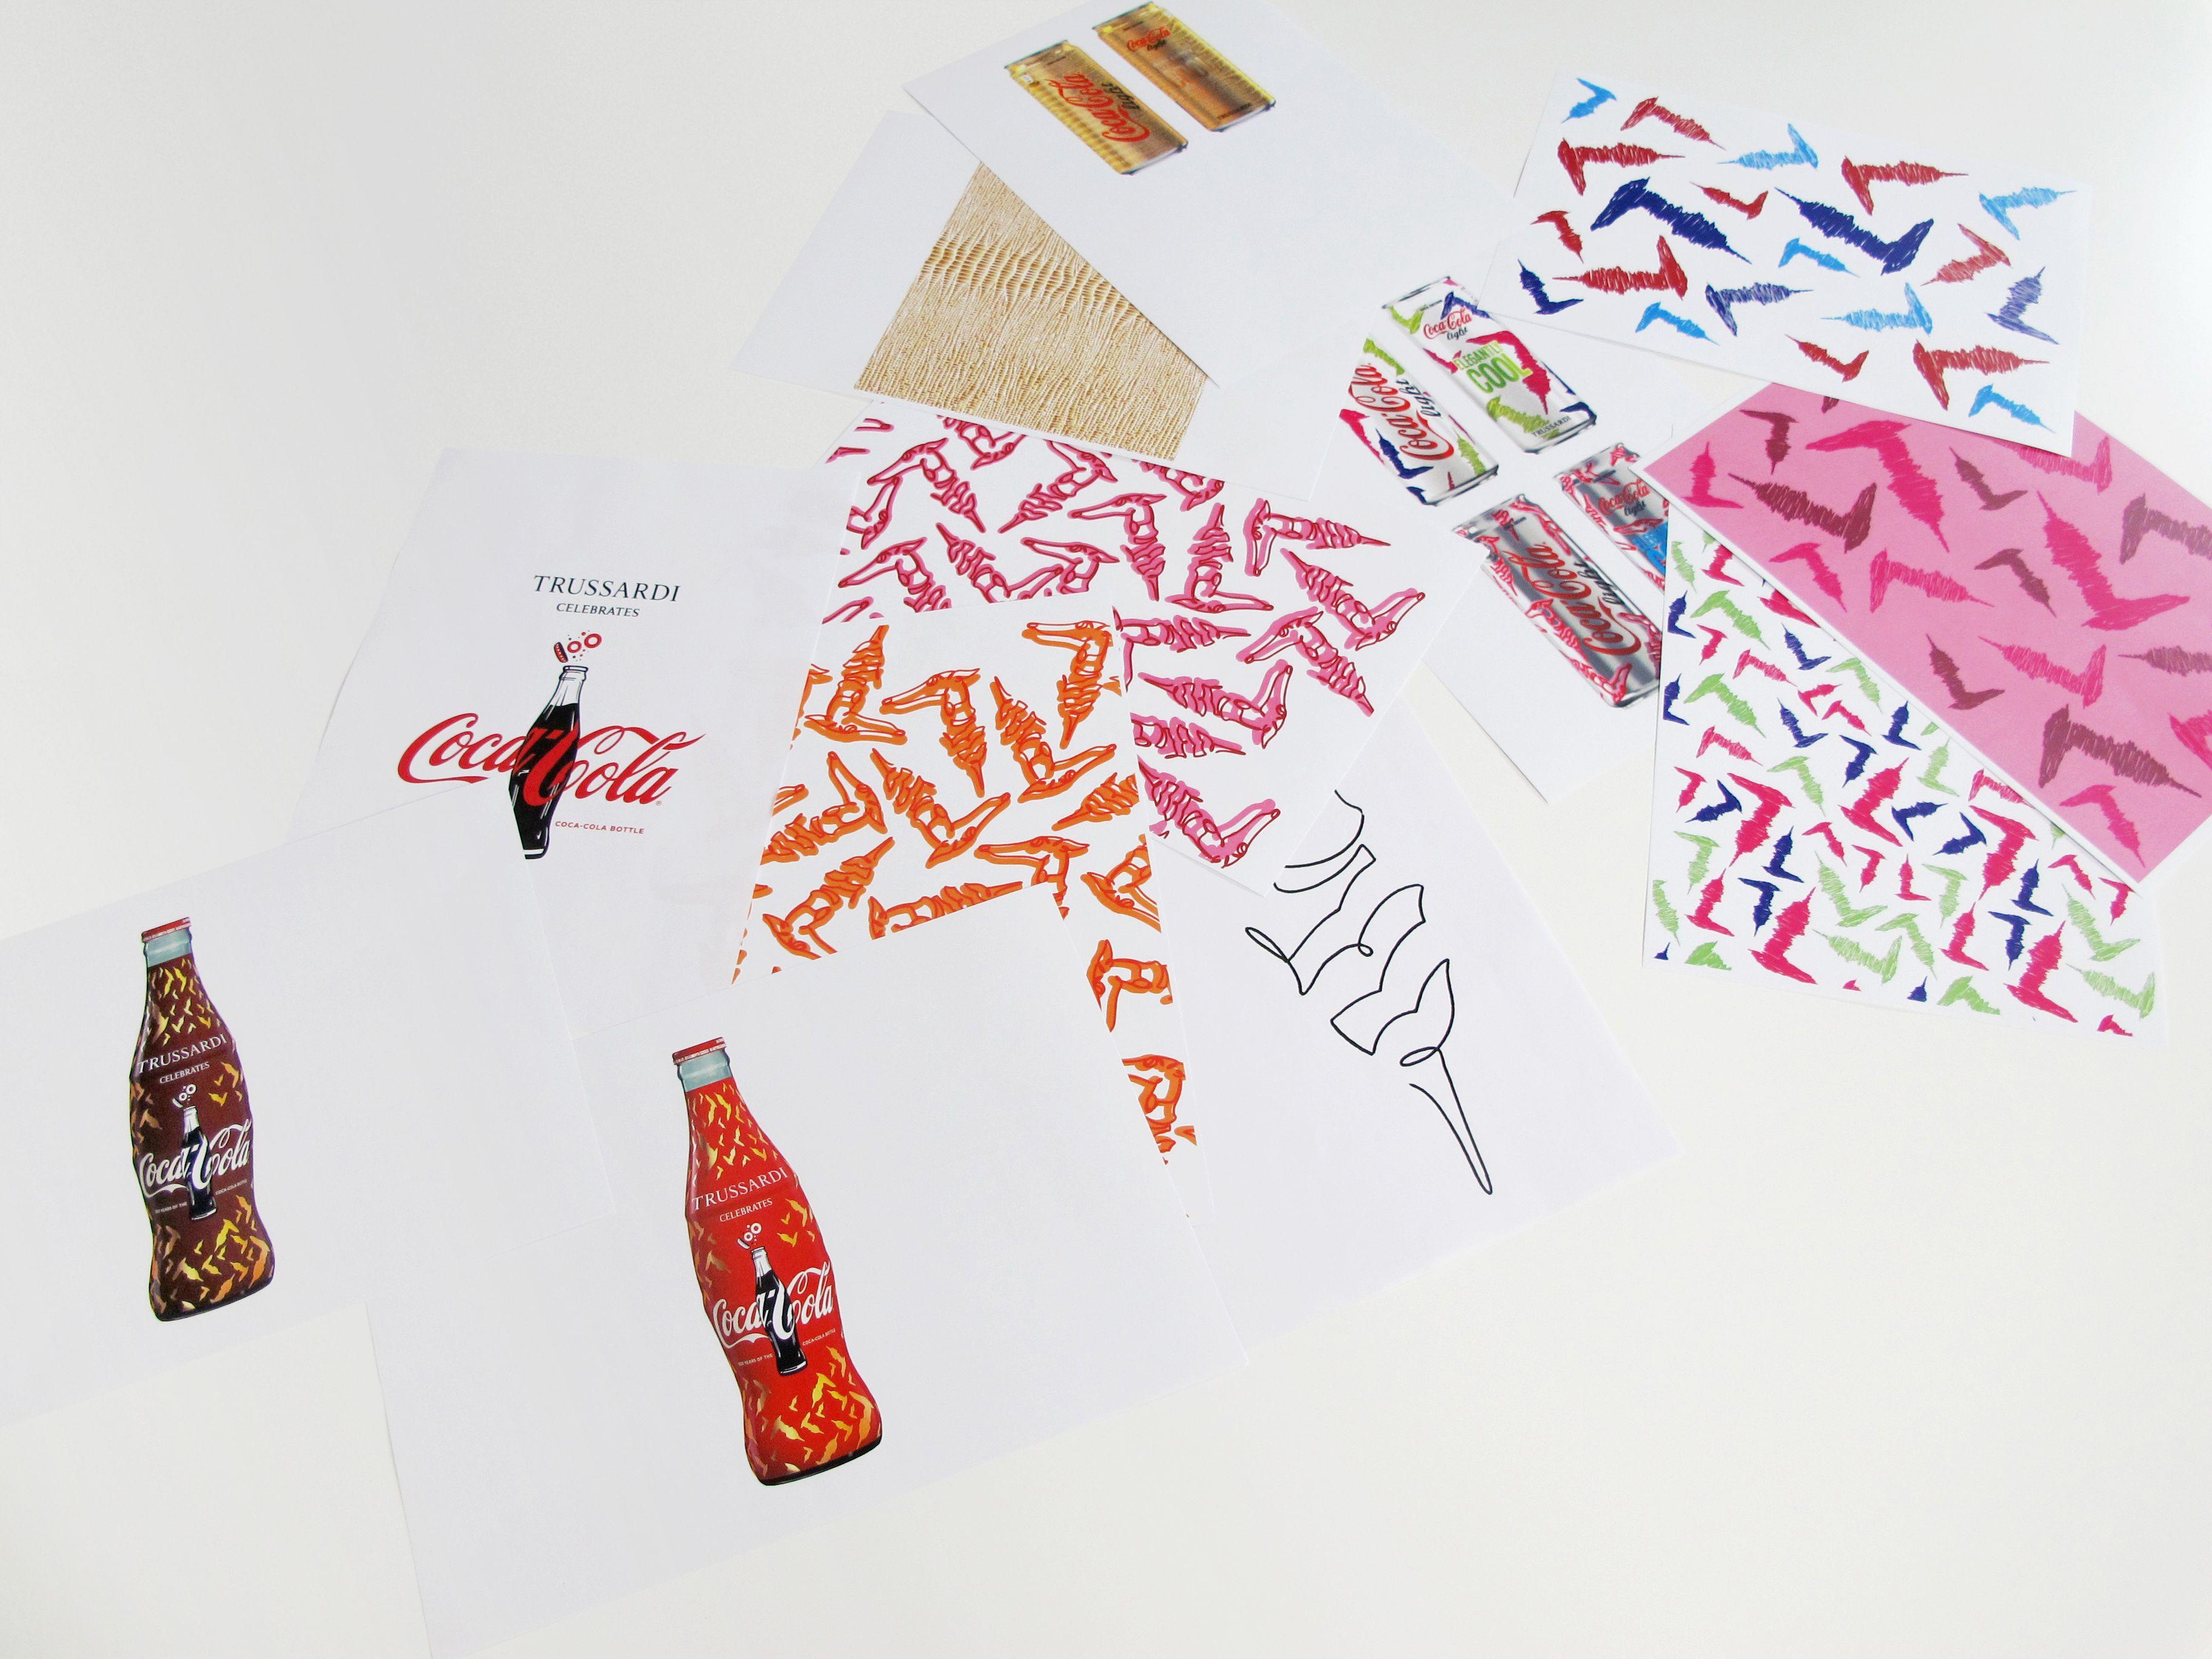 Il marchio del levriero veste Coca-Cola light e l'iconica bottiglia Coca-Cola nell'anno del suo centenarioTrussardi è raffinata ed elegante,